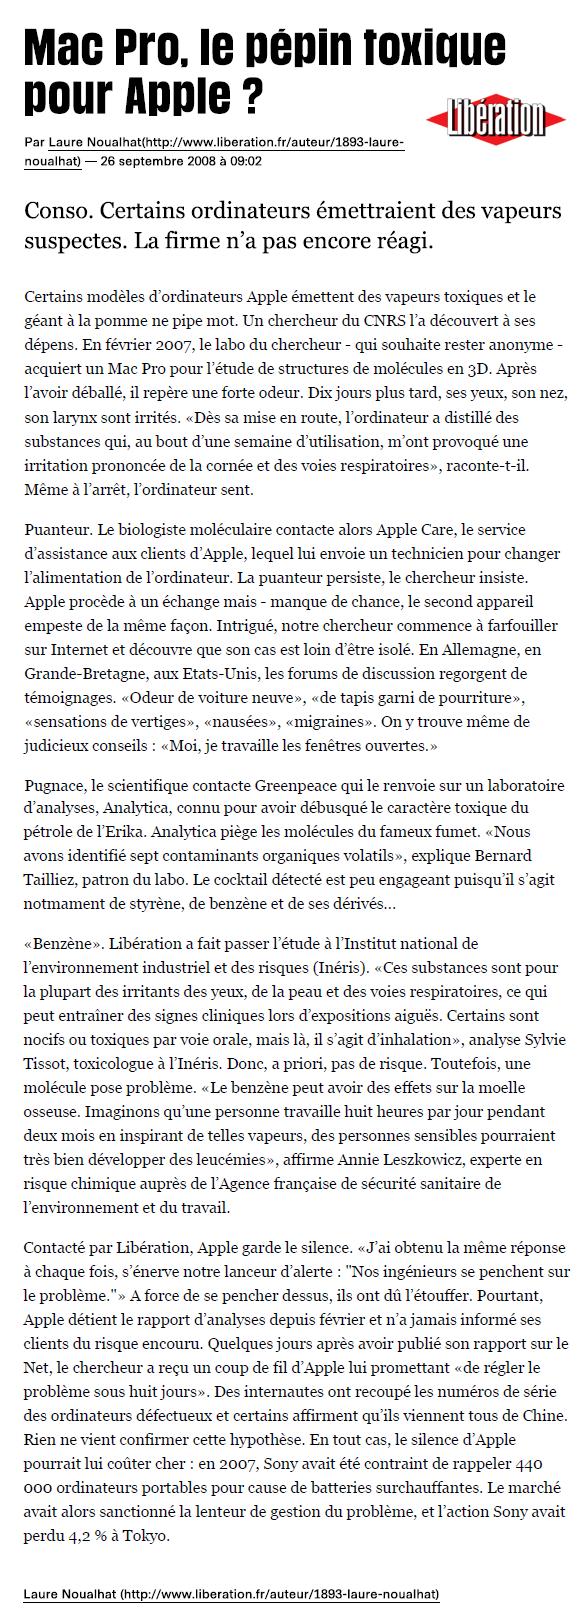 """26 SEPT 2008 > LIBERATION : """"MacBook Pro : Le pépin toxique pour Apple?"""""""